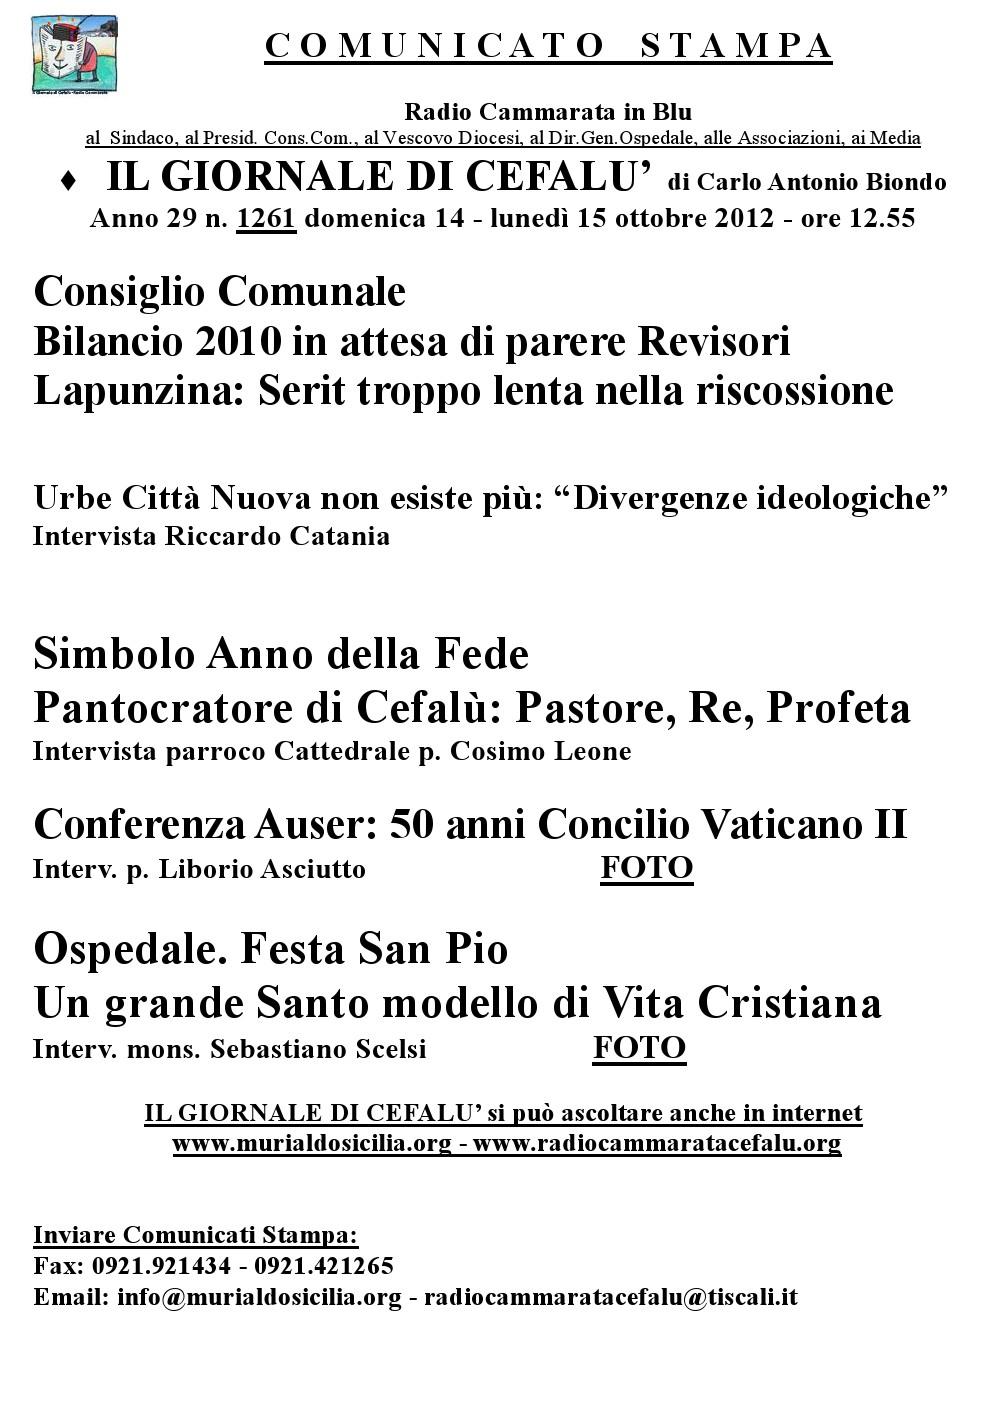 """Bilancio 2010 e fine del progetto Urbe nel nuovo numero de """"Il Giornale di Cefalù"""""""